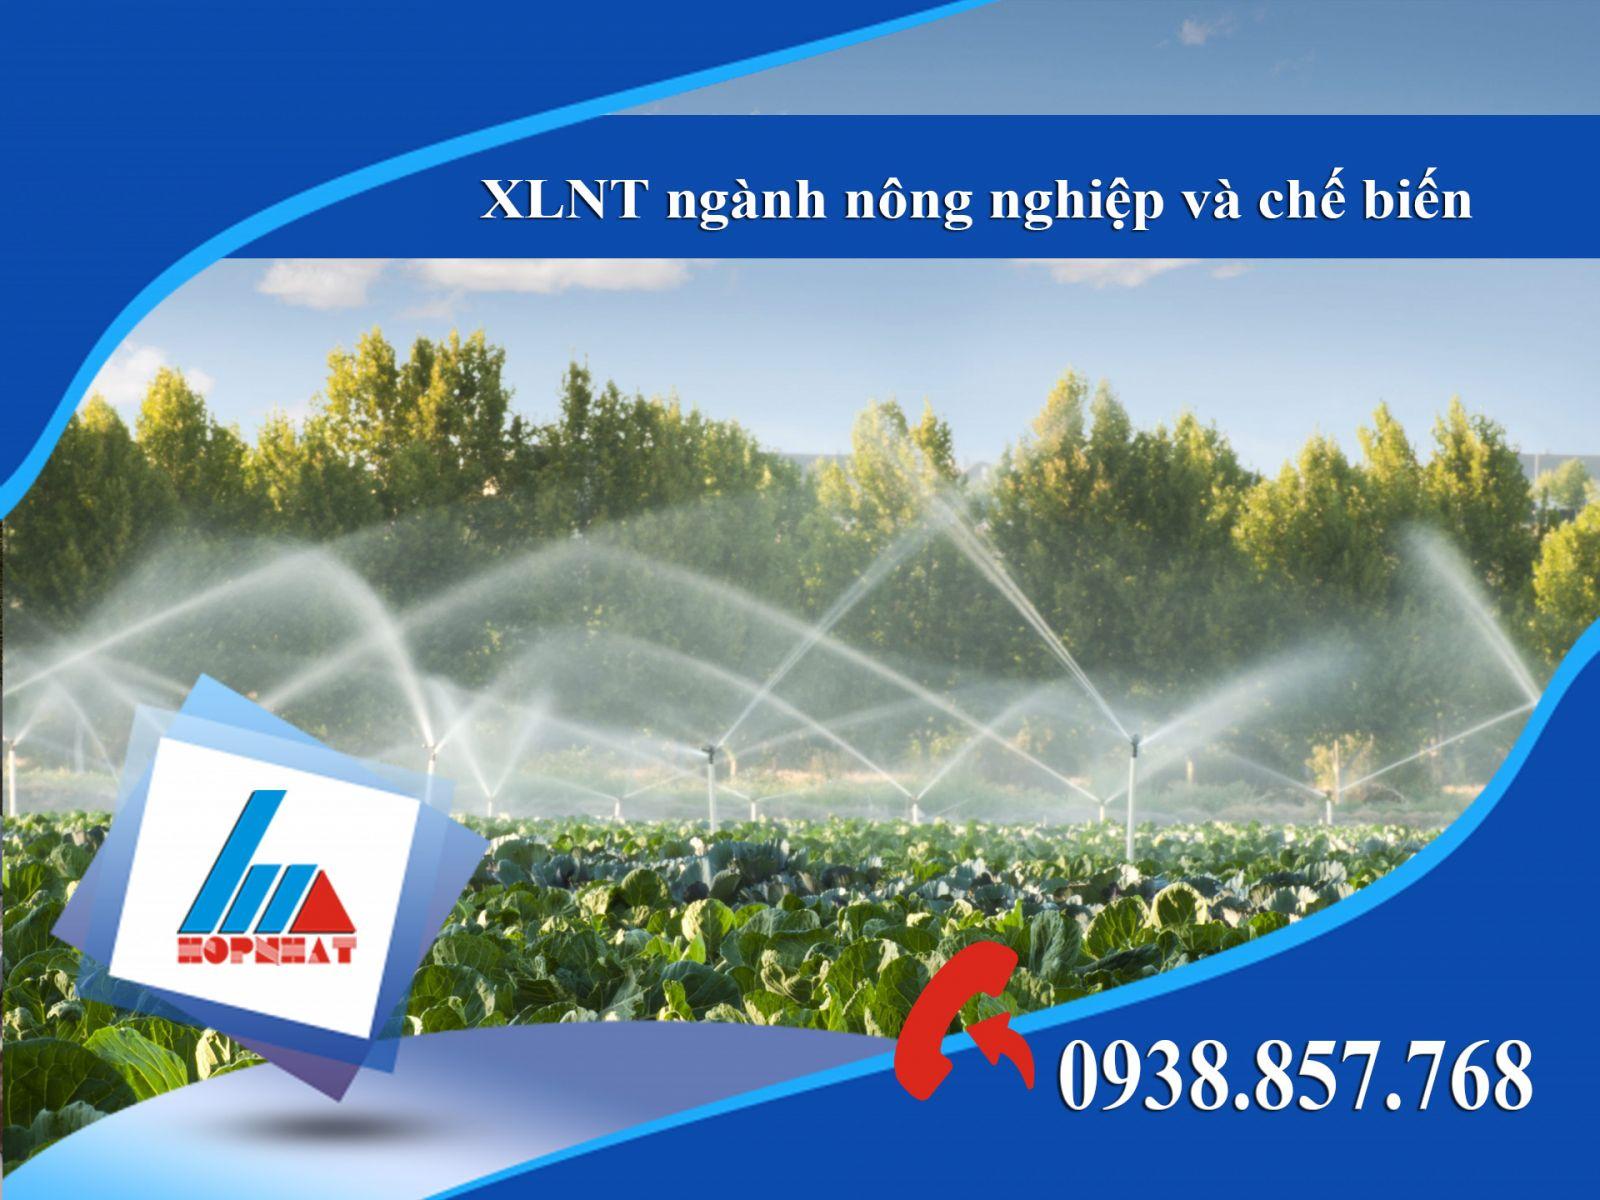 XLNT ngành nông nghiệp và chế biến